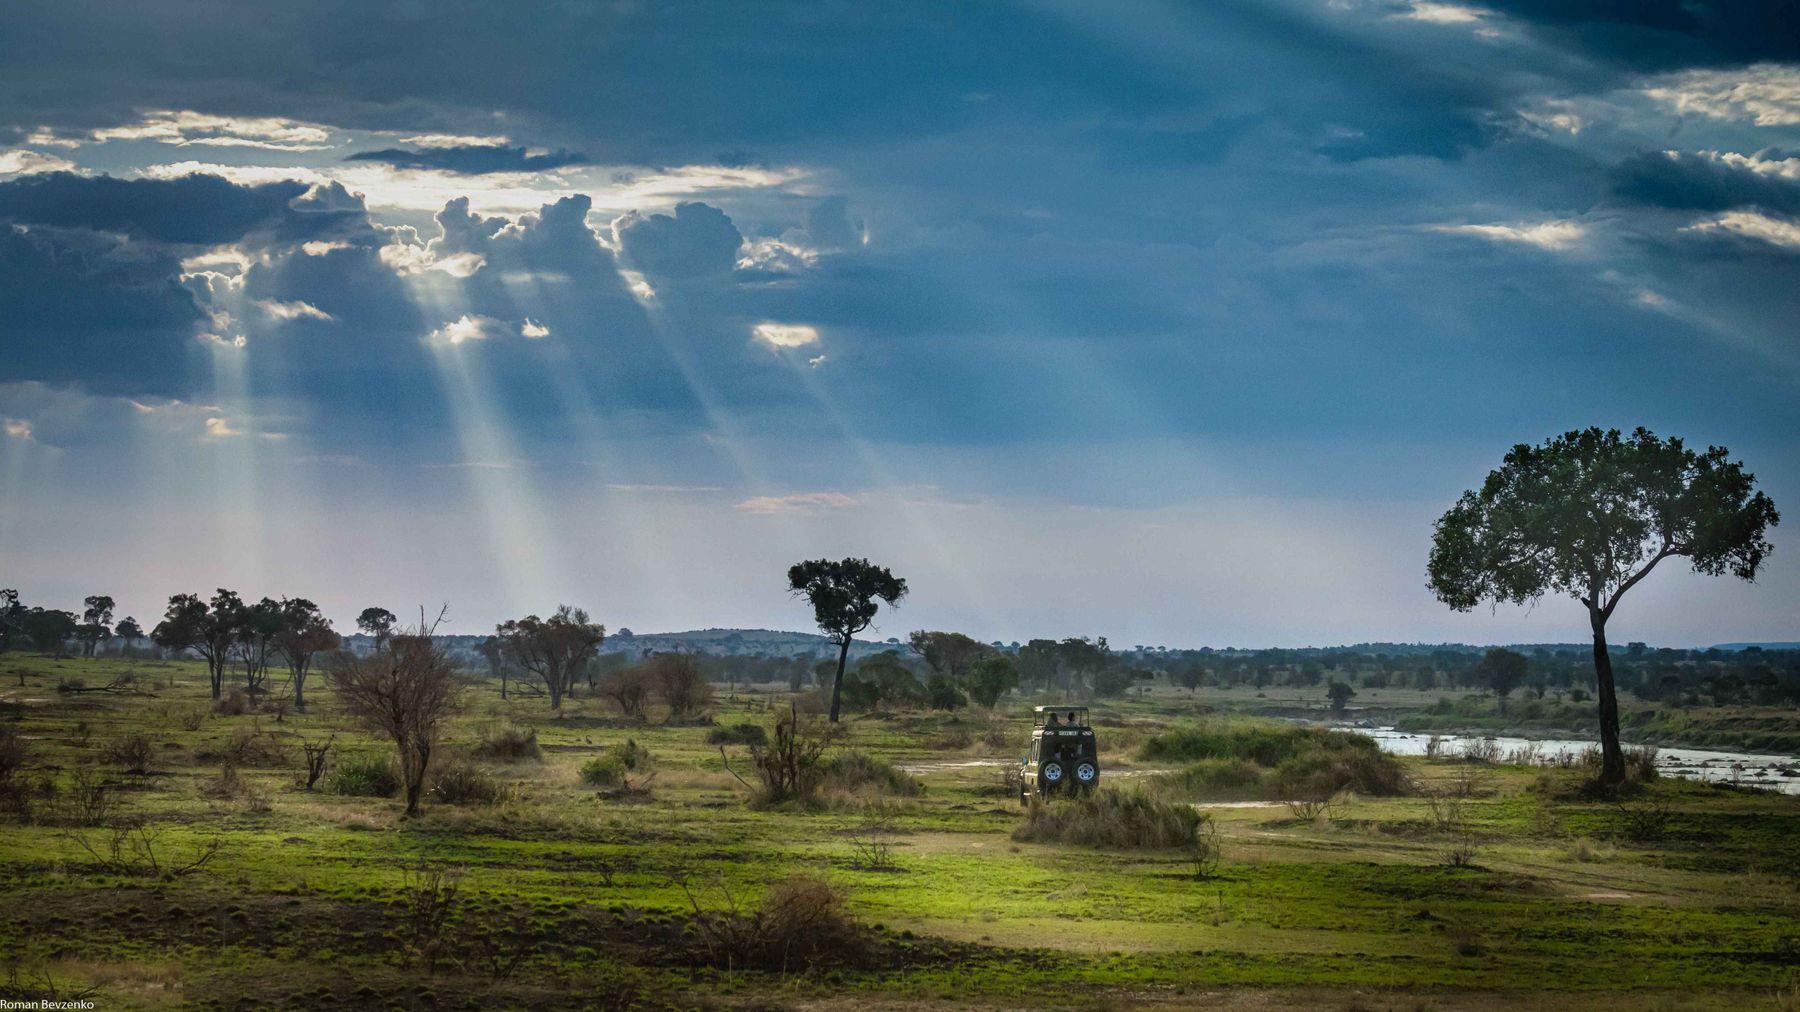 Вперед, к приключениям! африка танзания сафари путешествия